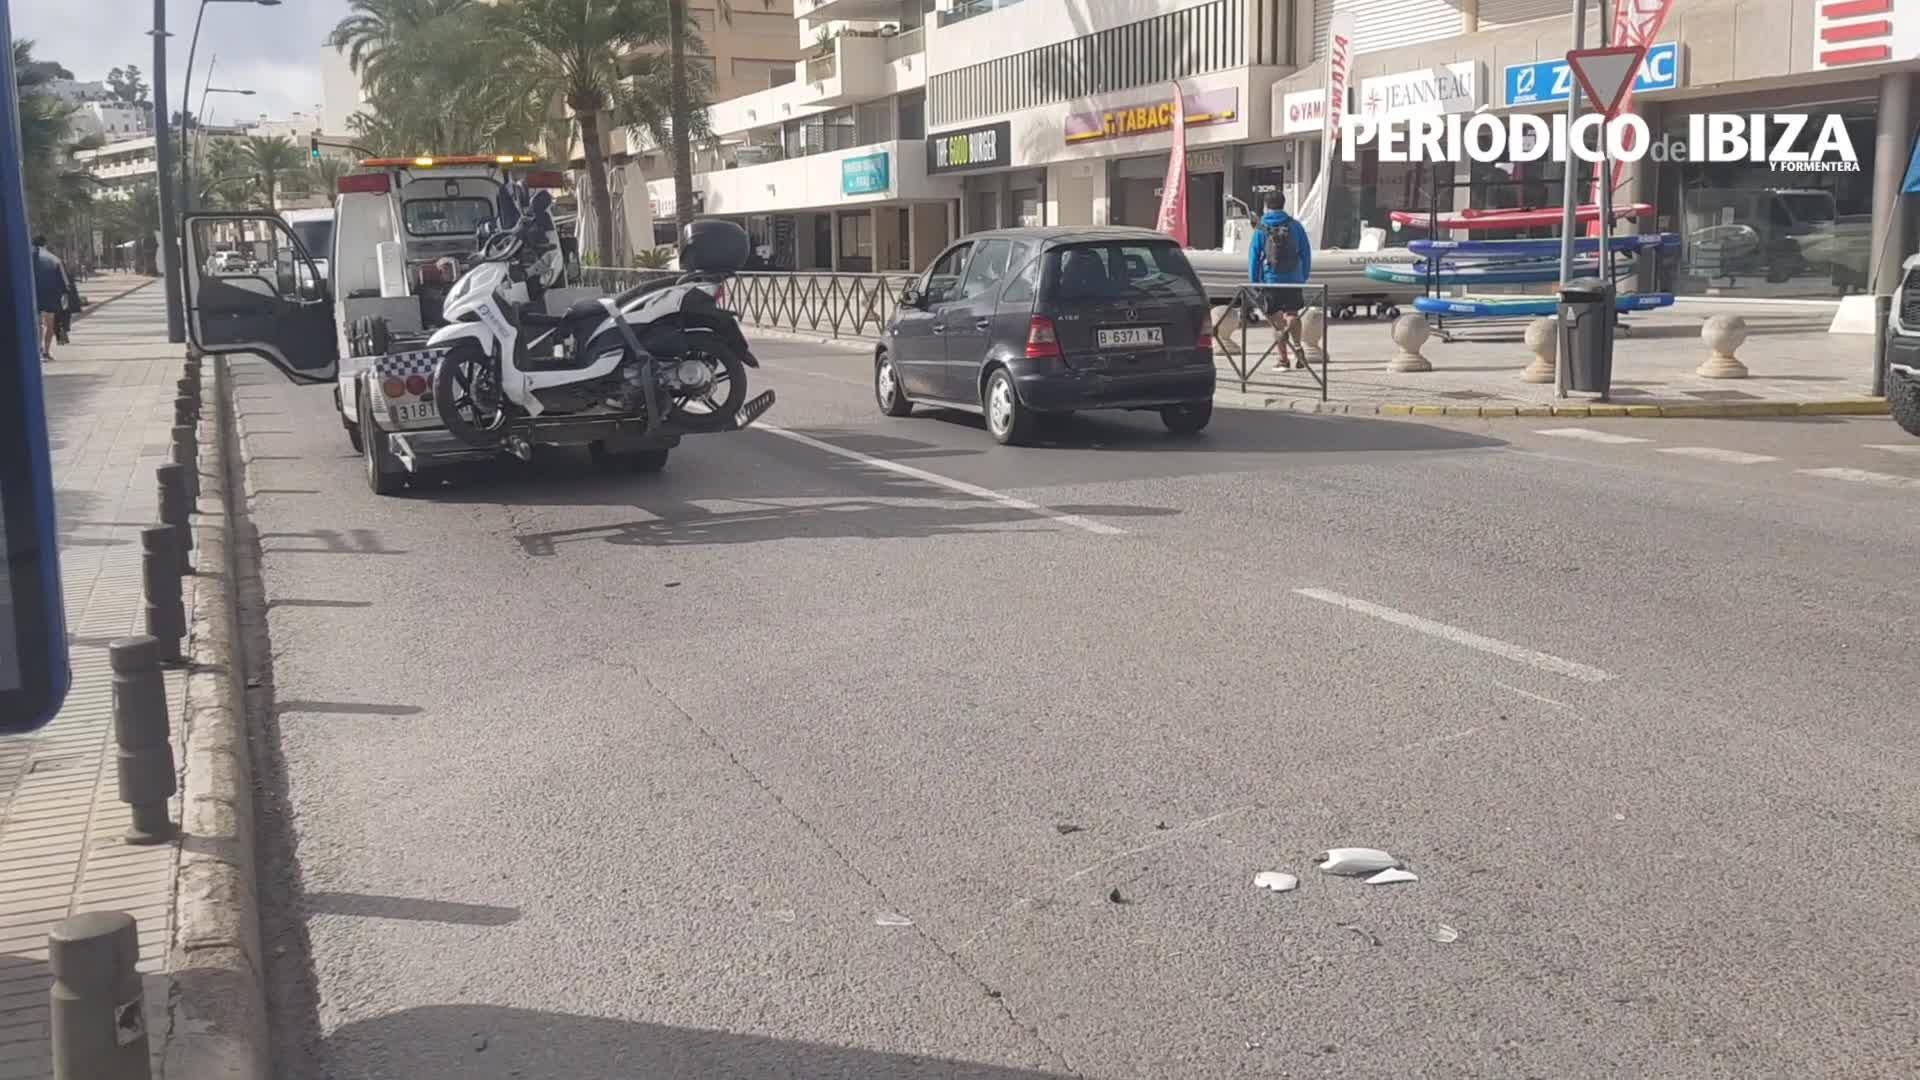 Herido un motorista tras ser embestido por un vehículo que hizo un giro irregular en Vila